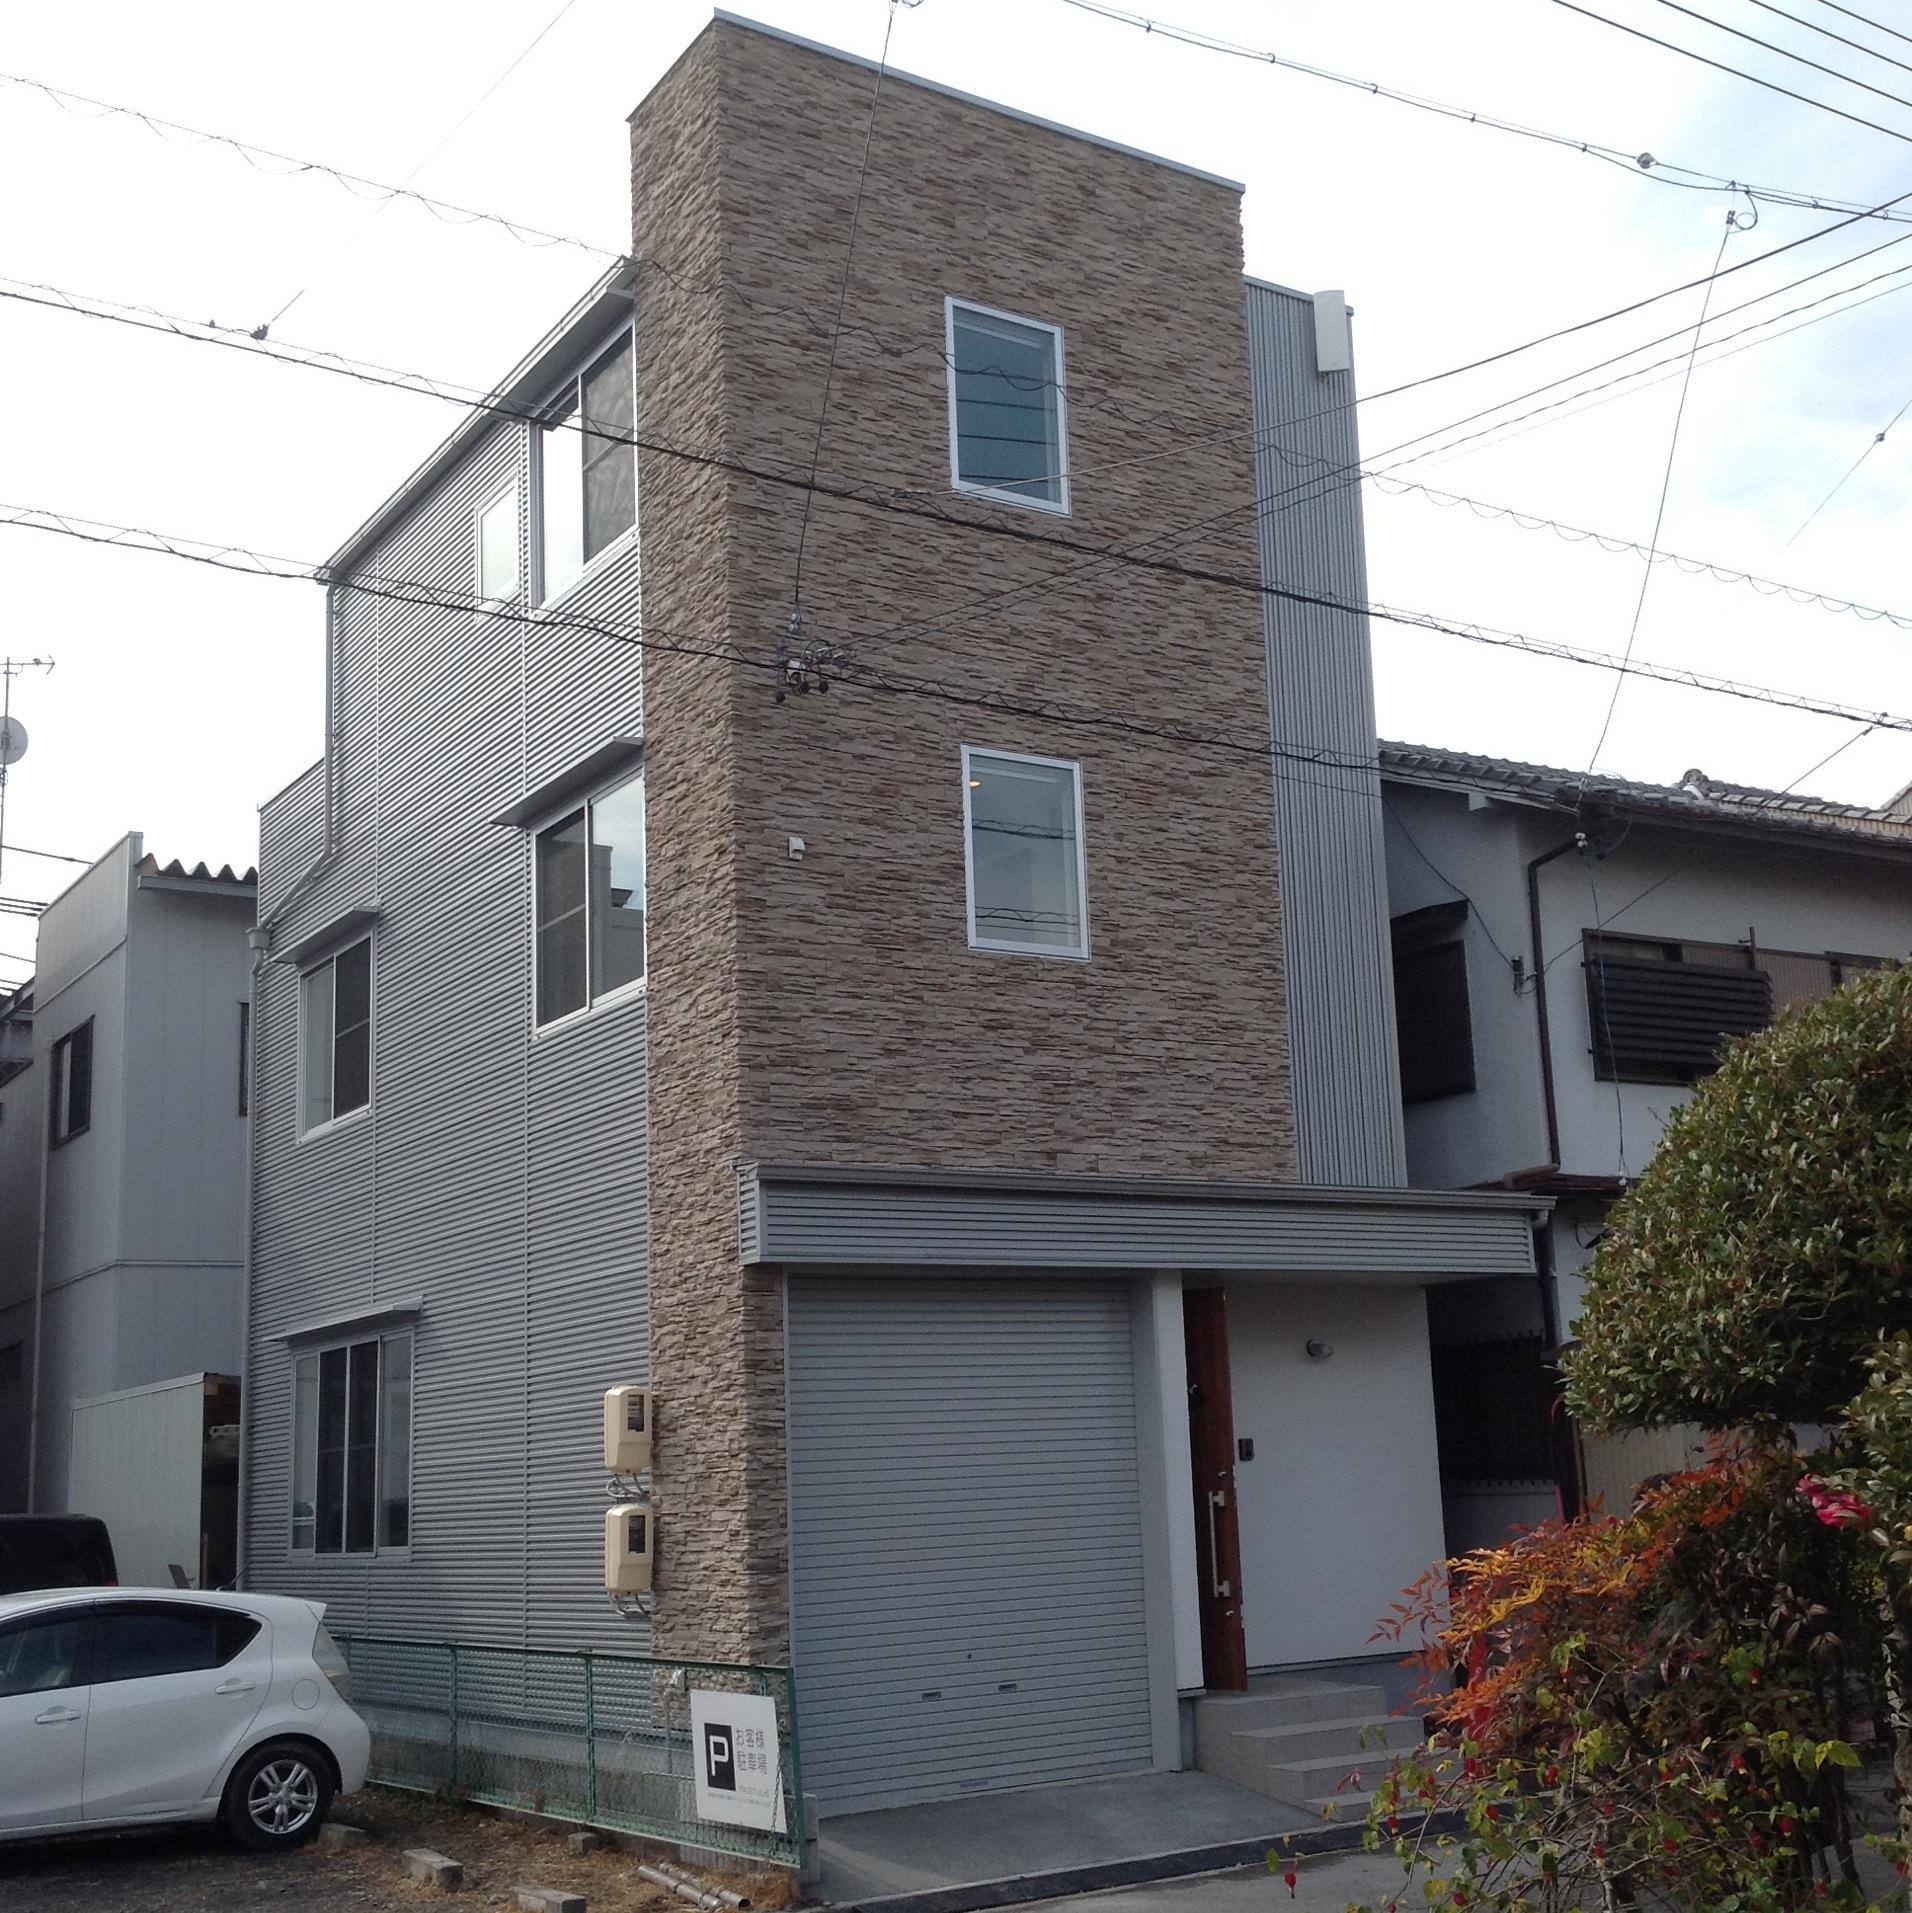 狭小の土地に大きく建てる、北側に面し住みやすさを追求した3階建て木造住宅。